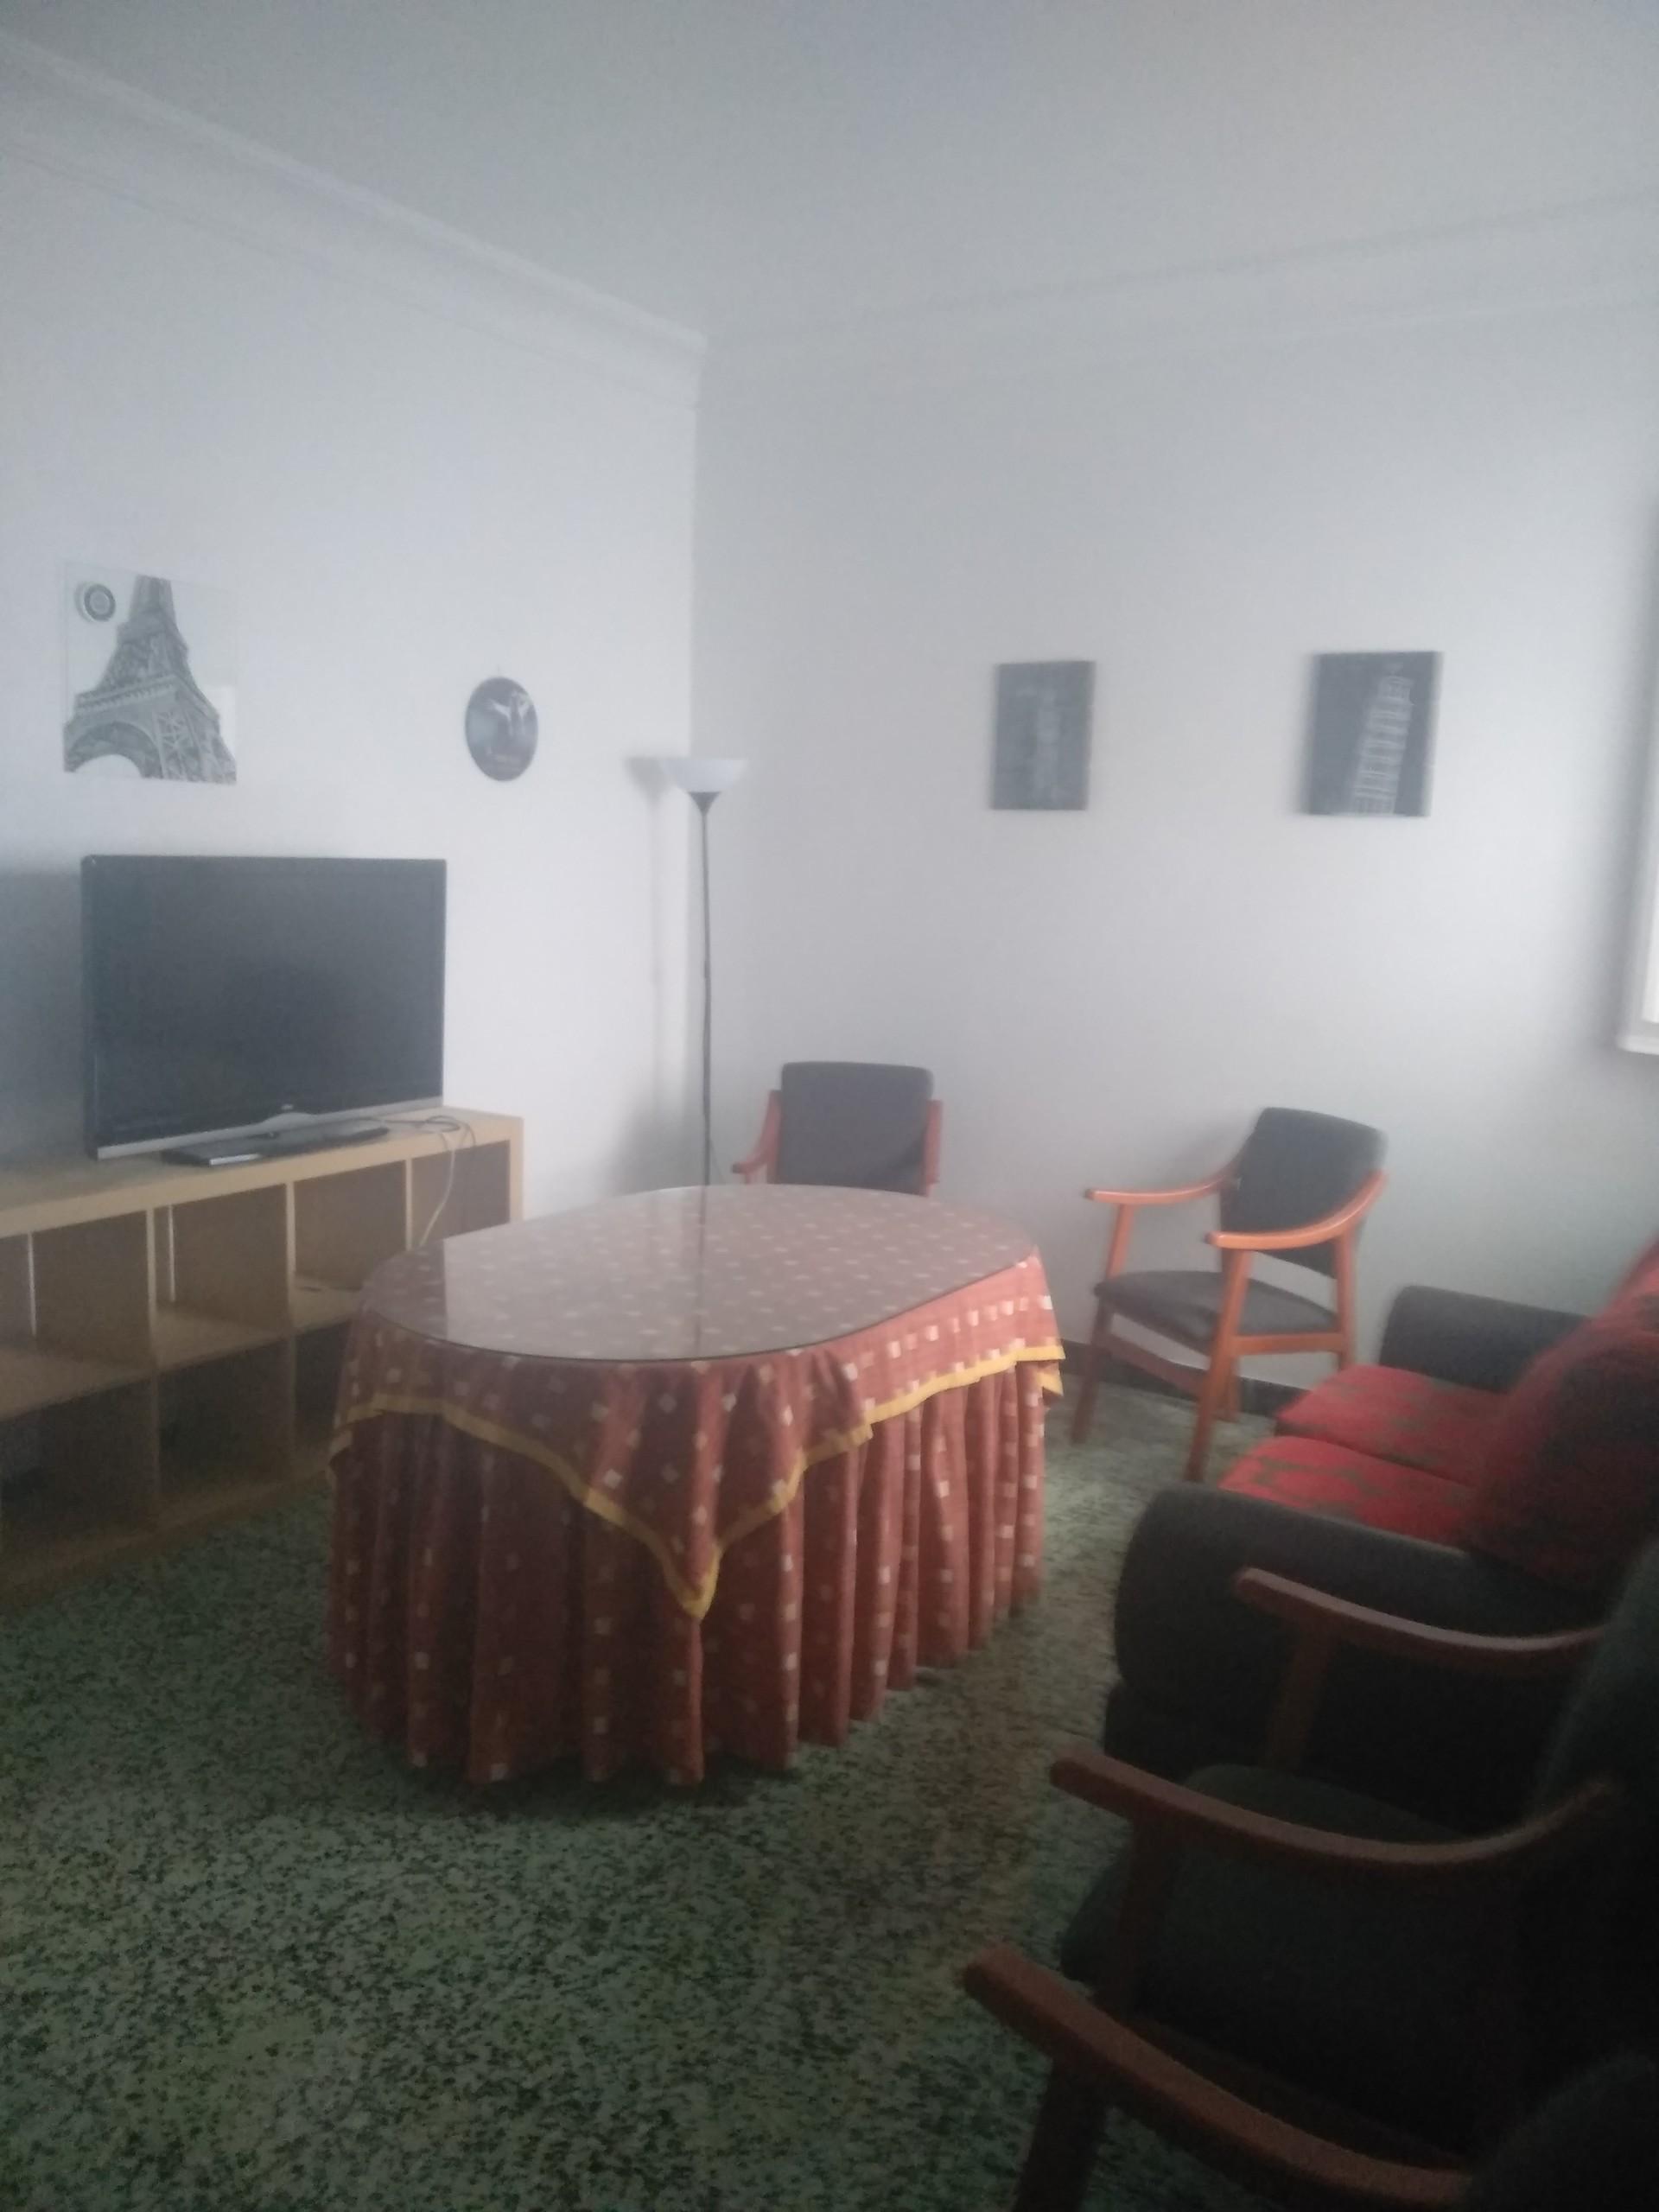 piso-amplio-soleado-centro-huelva-totalmente-amueblado-con-cocina-officce-salones-banos-amplias-habitac-b9b668501d91e9dd2968b417e5c73239